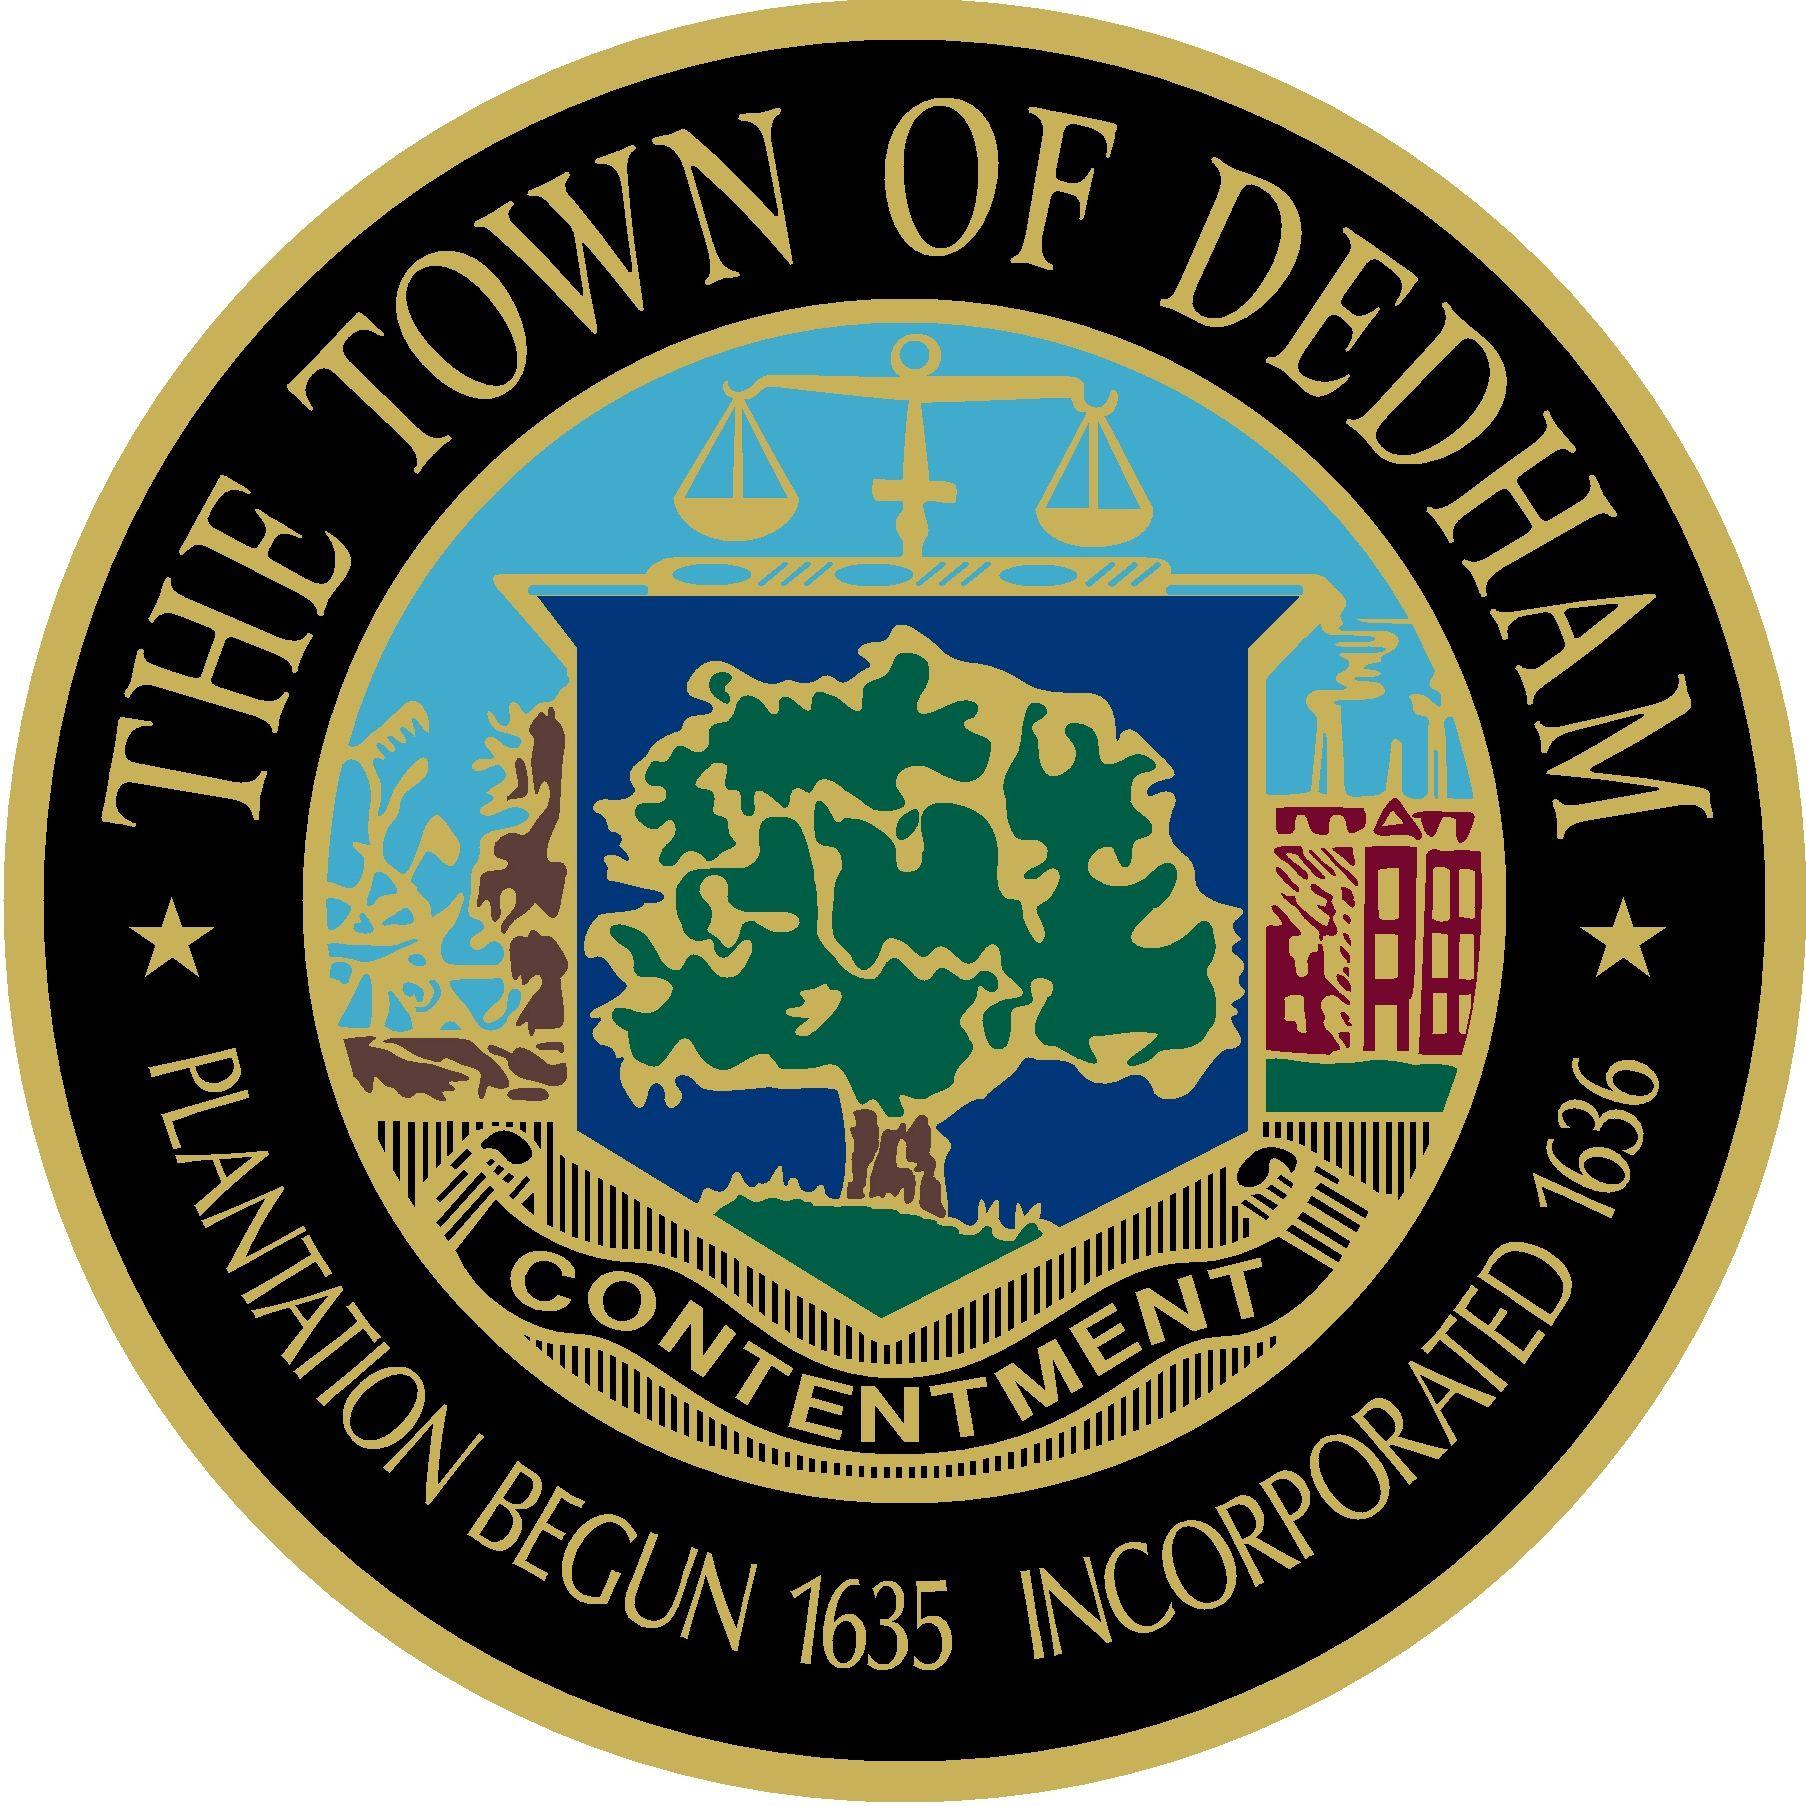 https://www.erickinsherfcpa.com/wp-content/uploads/2020/11/Seal_of_Dedham_Massachusetts.jpg